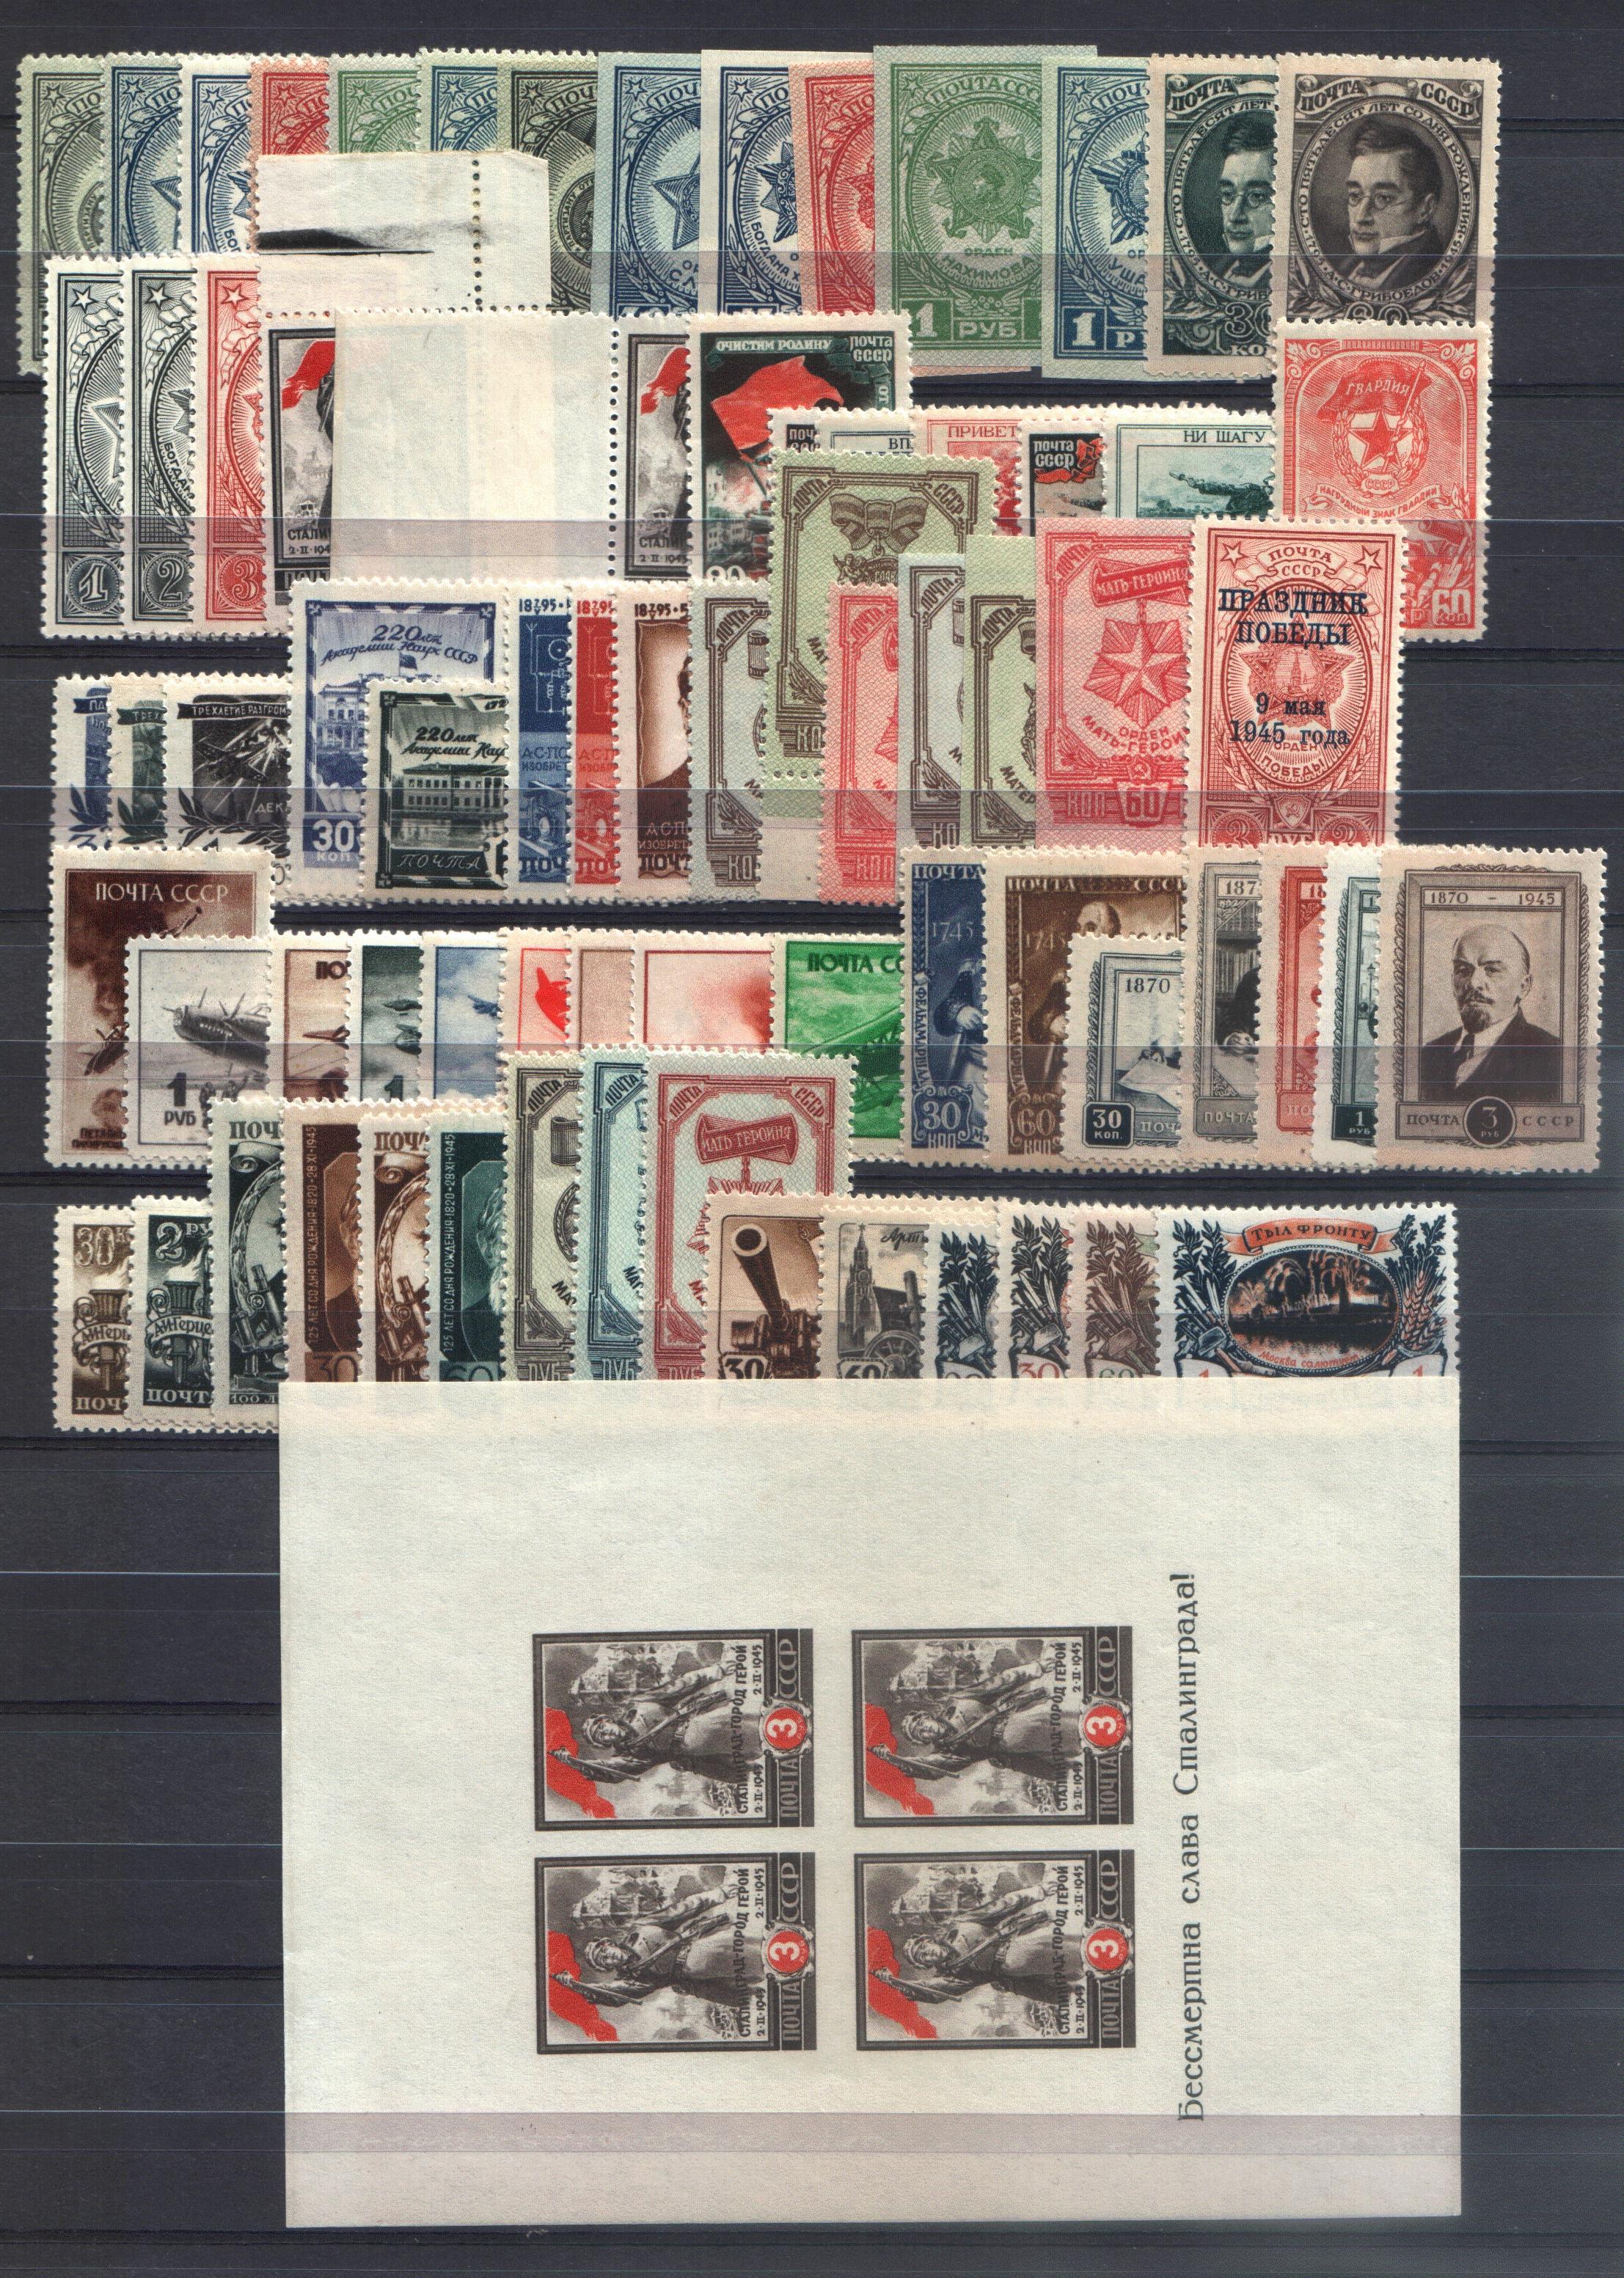 Годовой набор почтовых марок СССР 1945 год,  72 марки и 1 почтовый блок